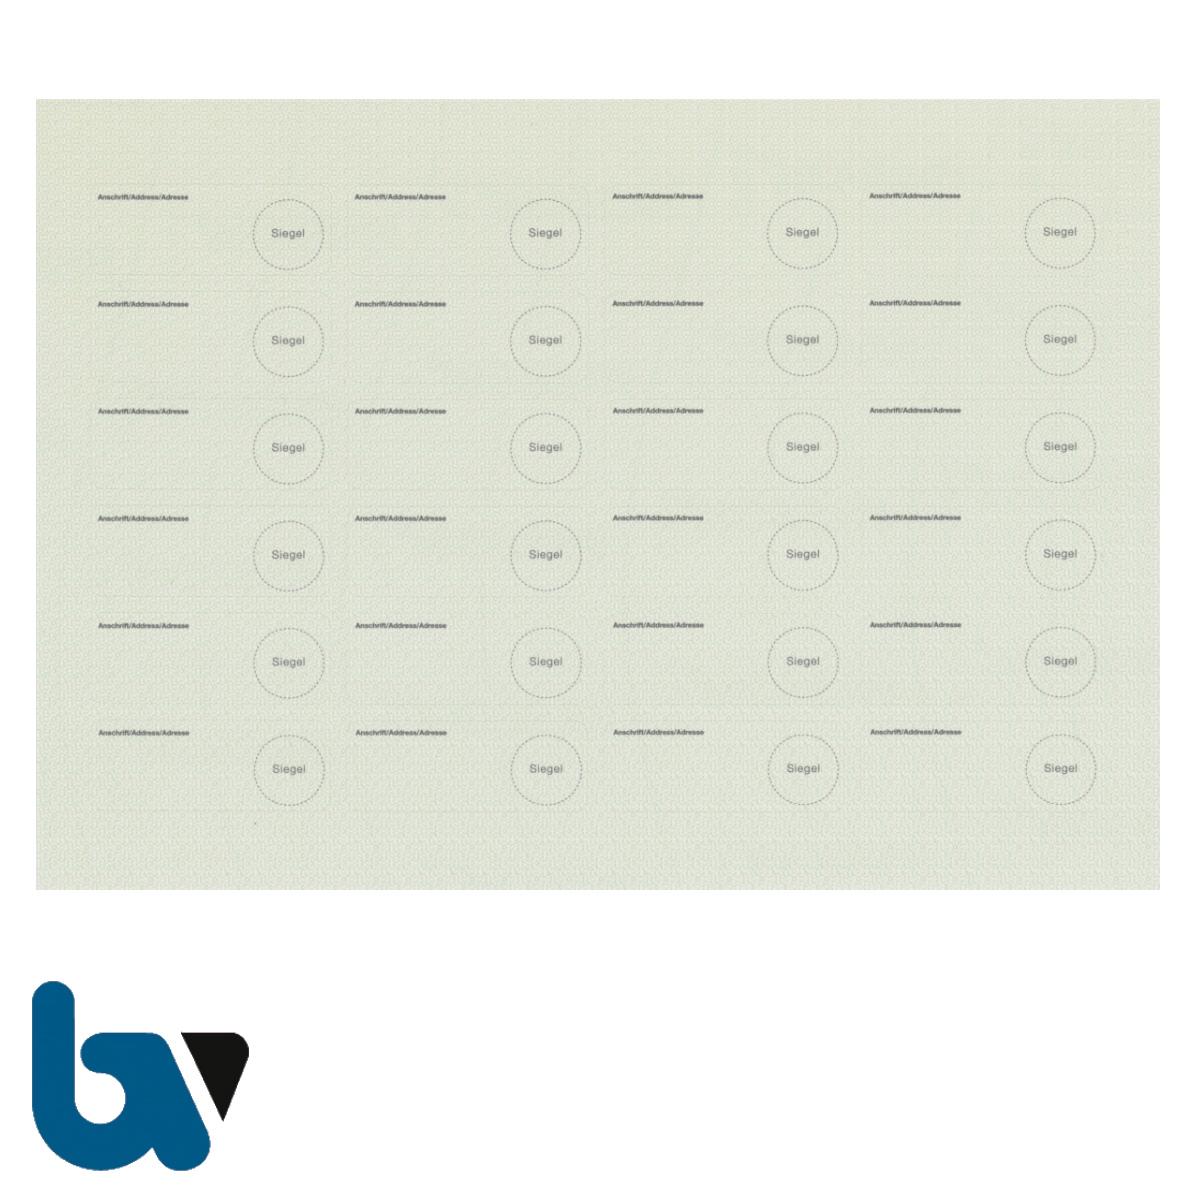 0/519-15.1 Adressaufkleber für Anschriftenänderungen Bogen 24 Stück   Borgard Verlag GmbH